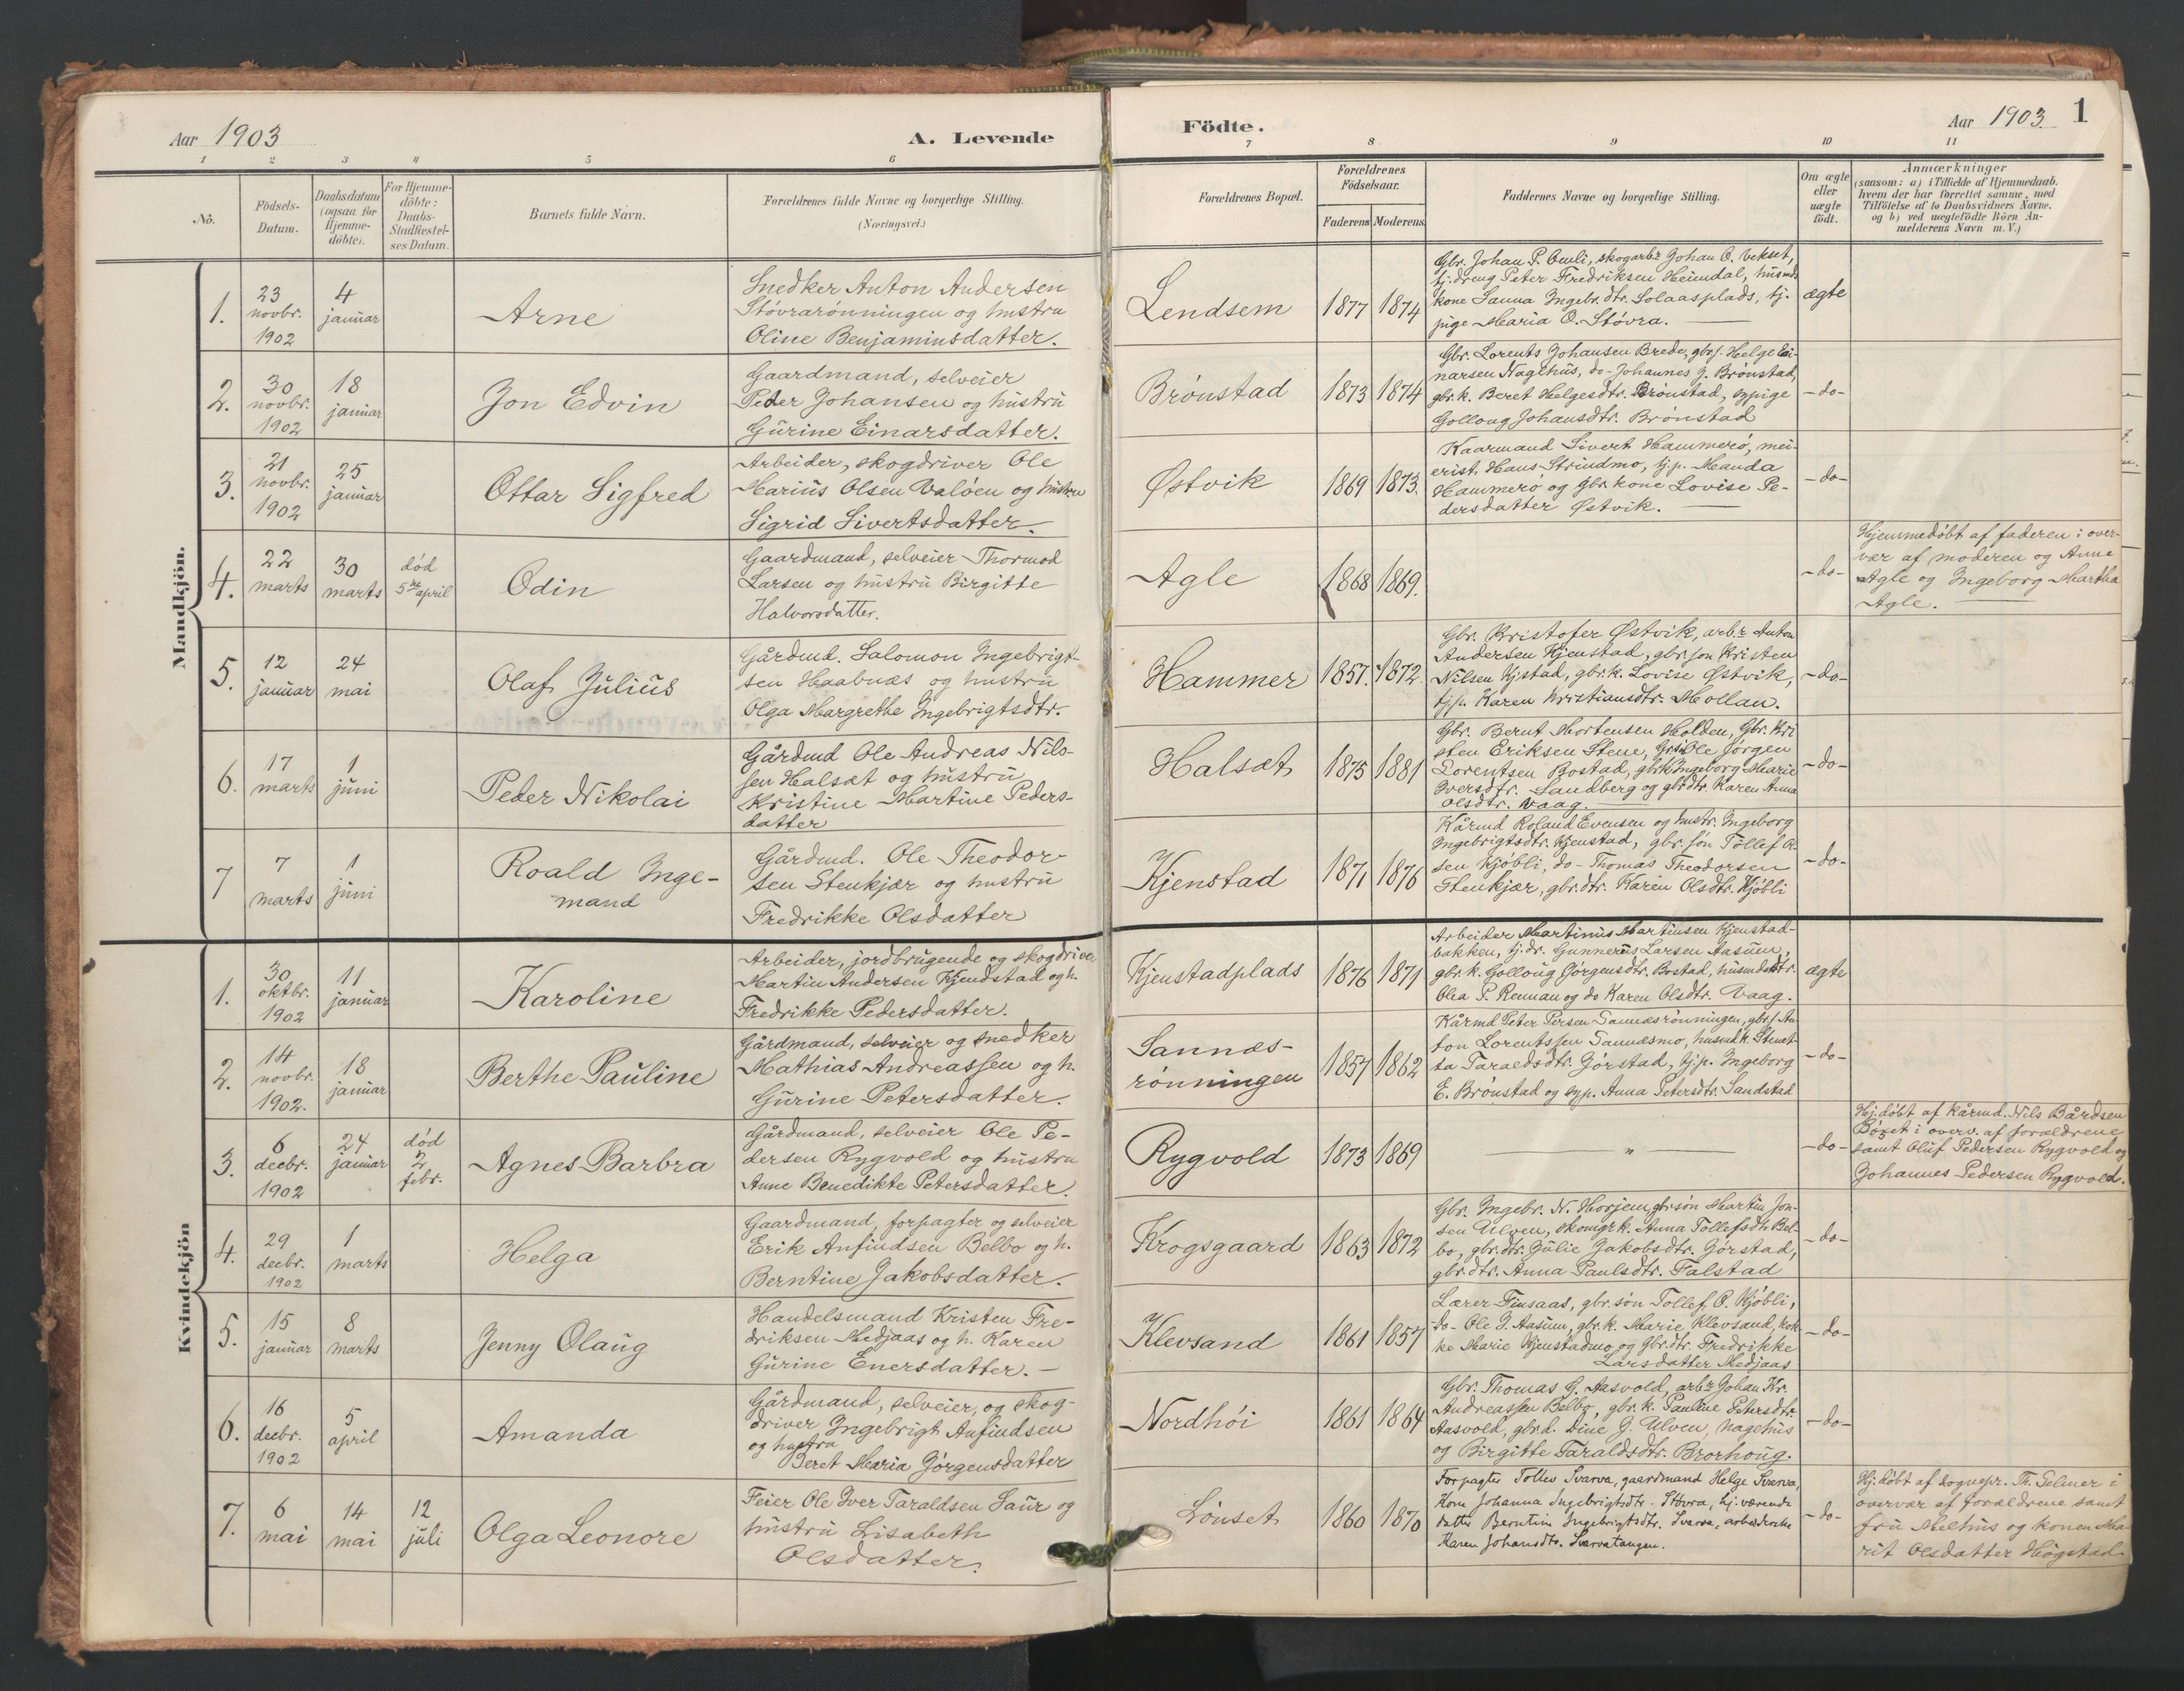 SAT, Ministerialprotokoller, klokkerbøker og fødselsregistre - Nord-Trøndelag, 749/L0477: Ministerialbok nr. 749A11, 1902-1927, s. 1